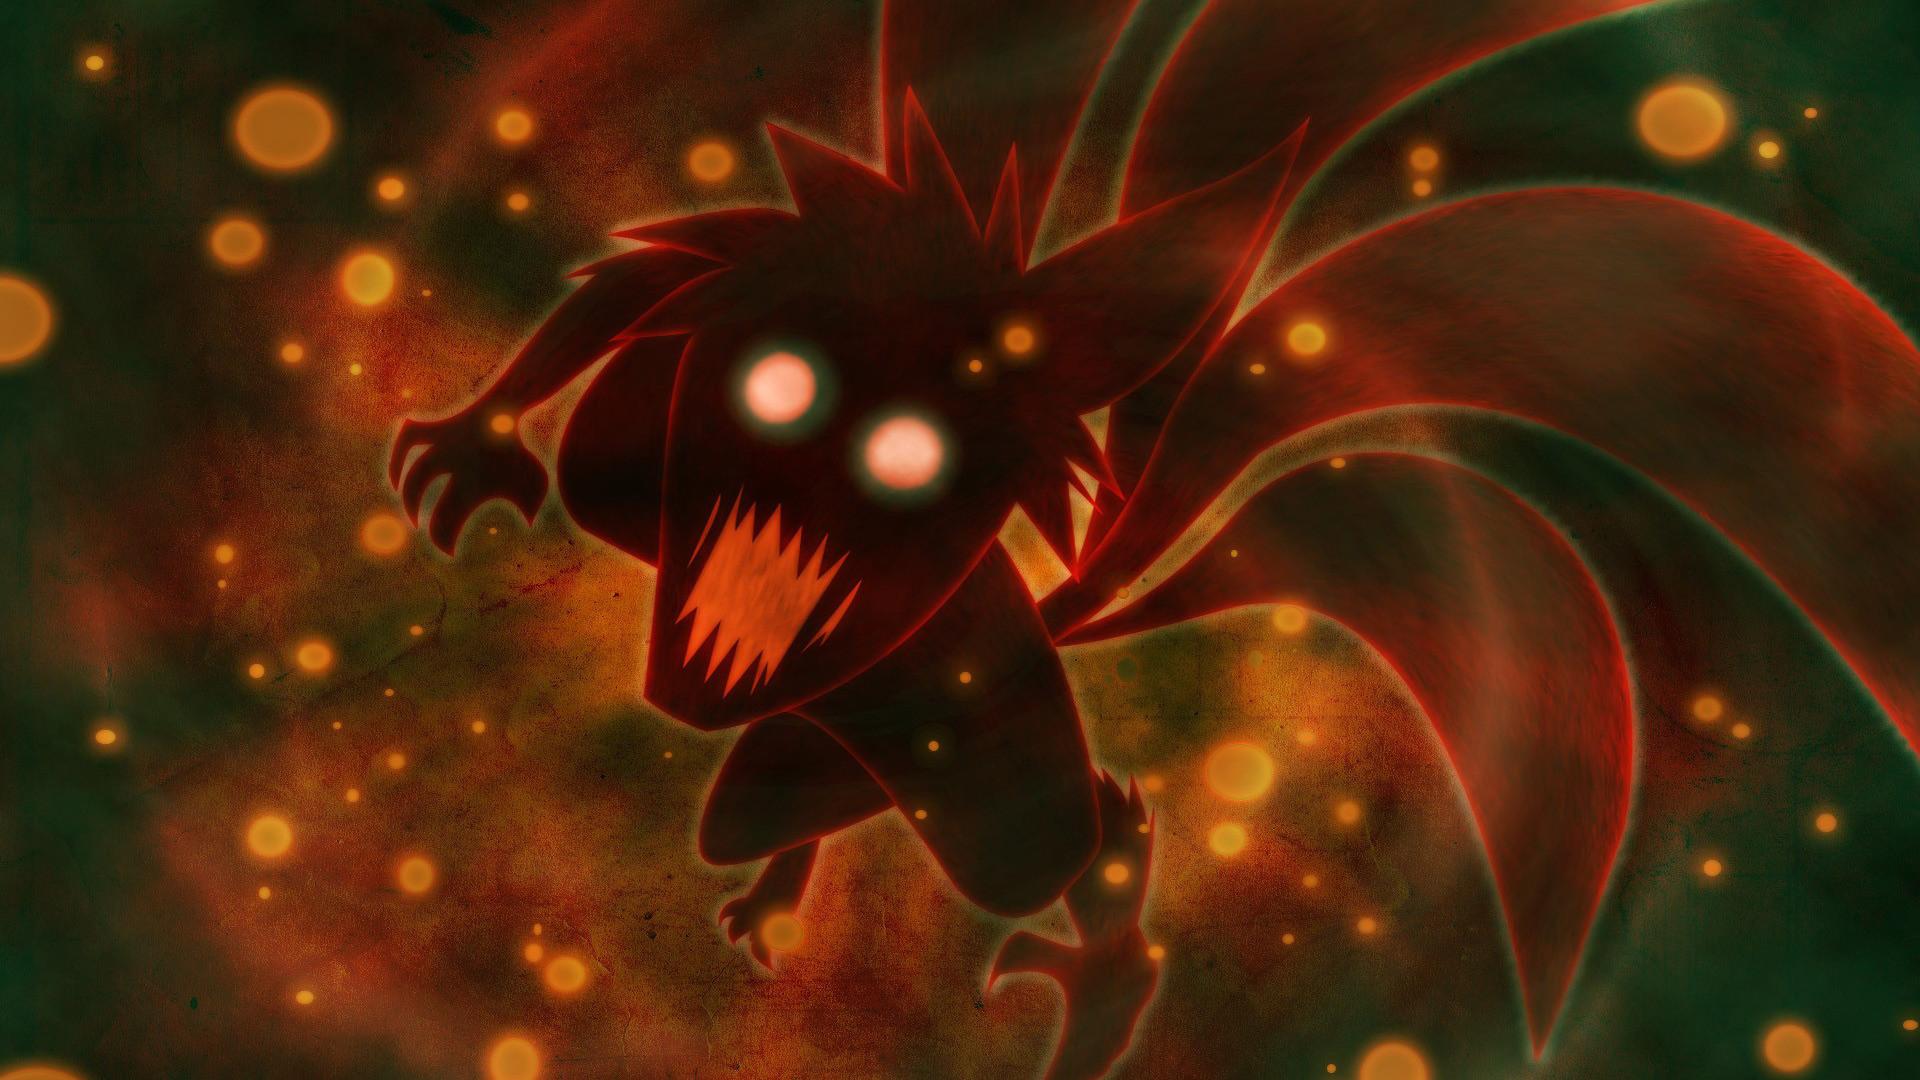 Sasuke Uchiha Wallpaper 3d Naruto And Kurama Wallpapers 73 Images